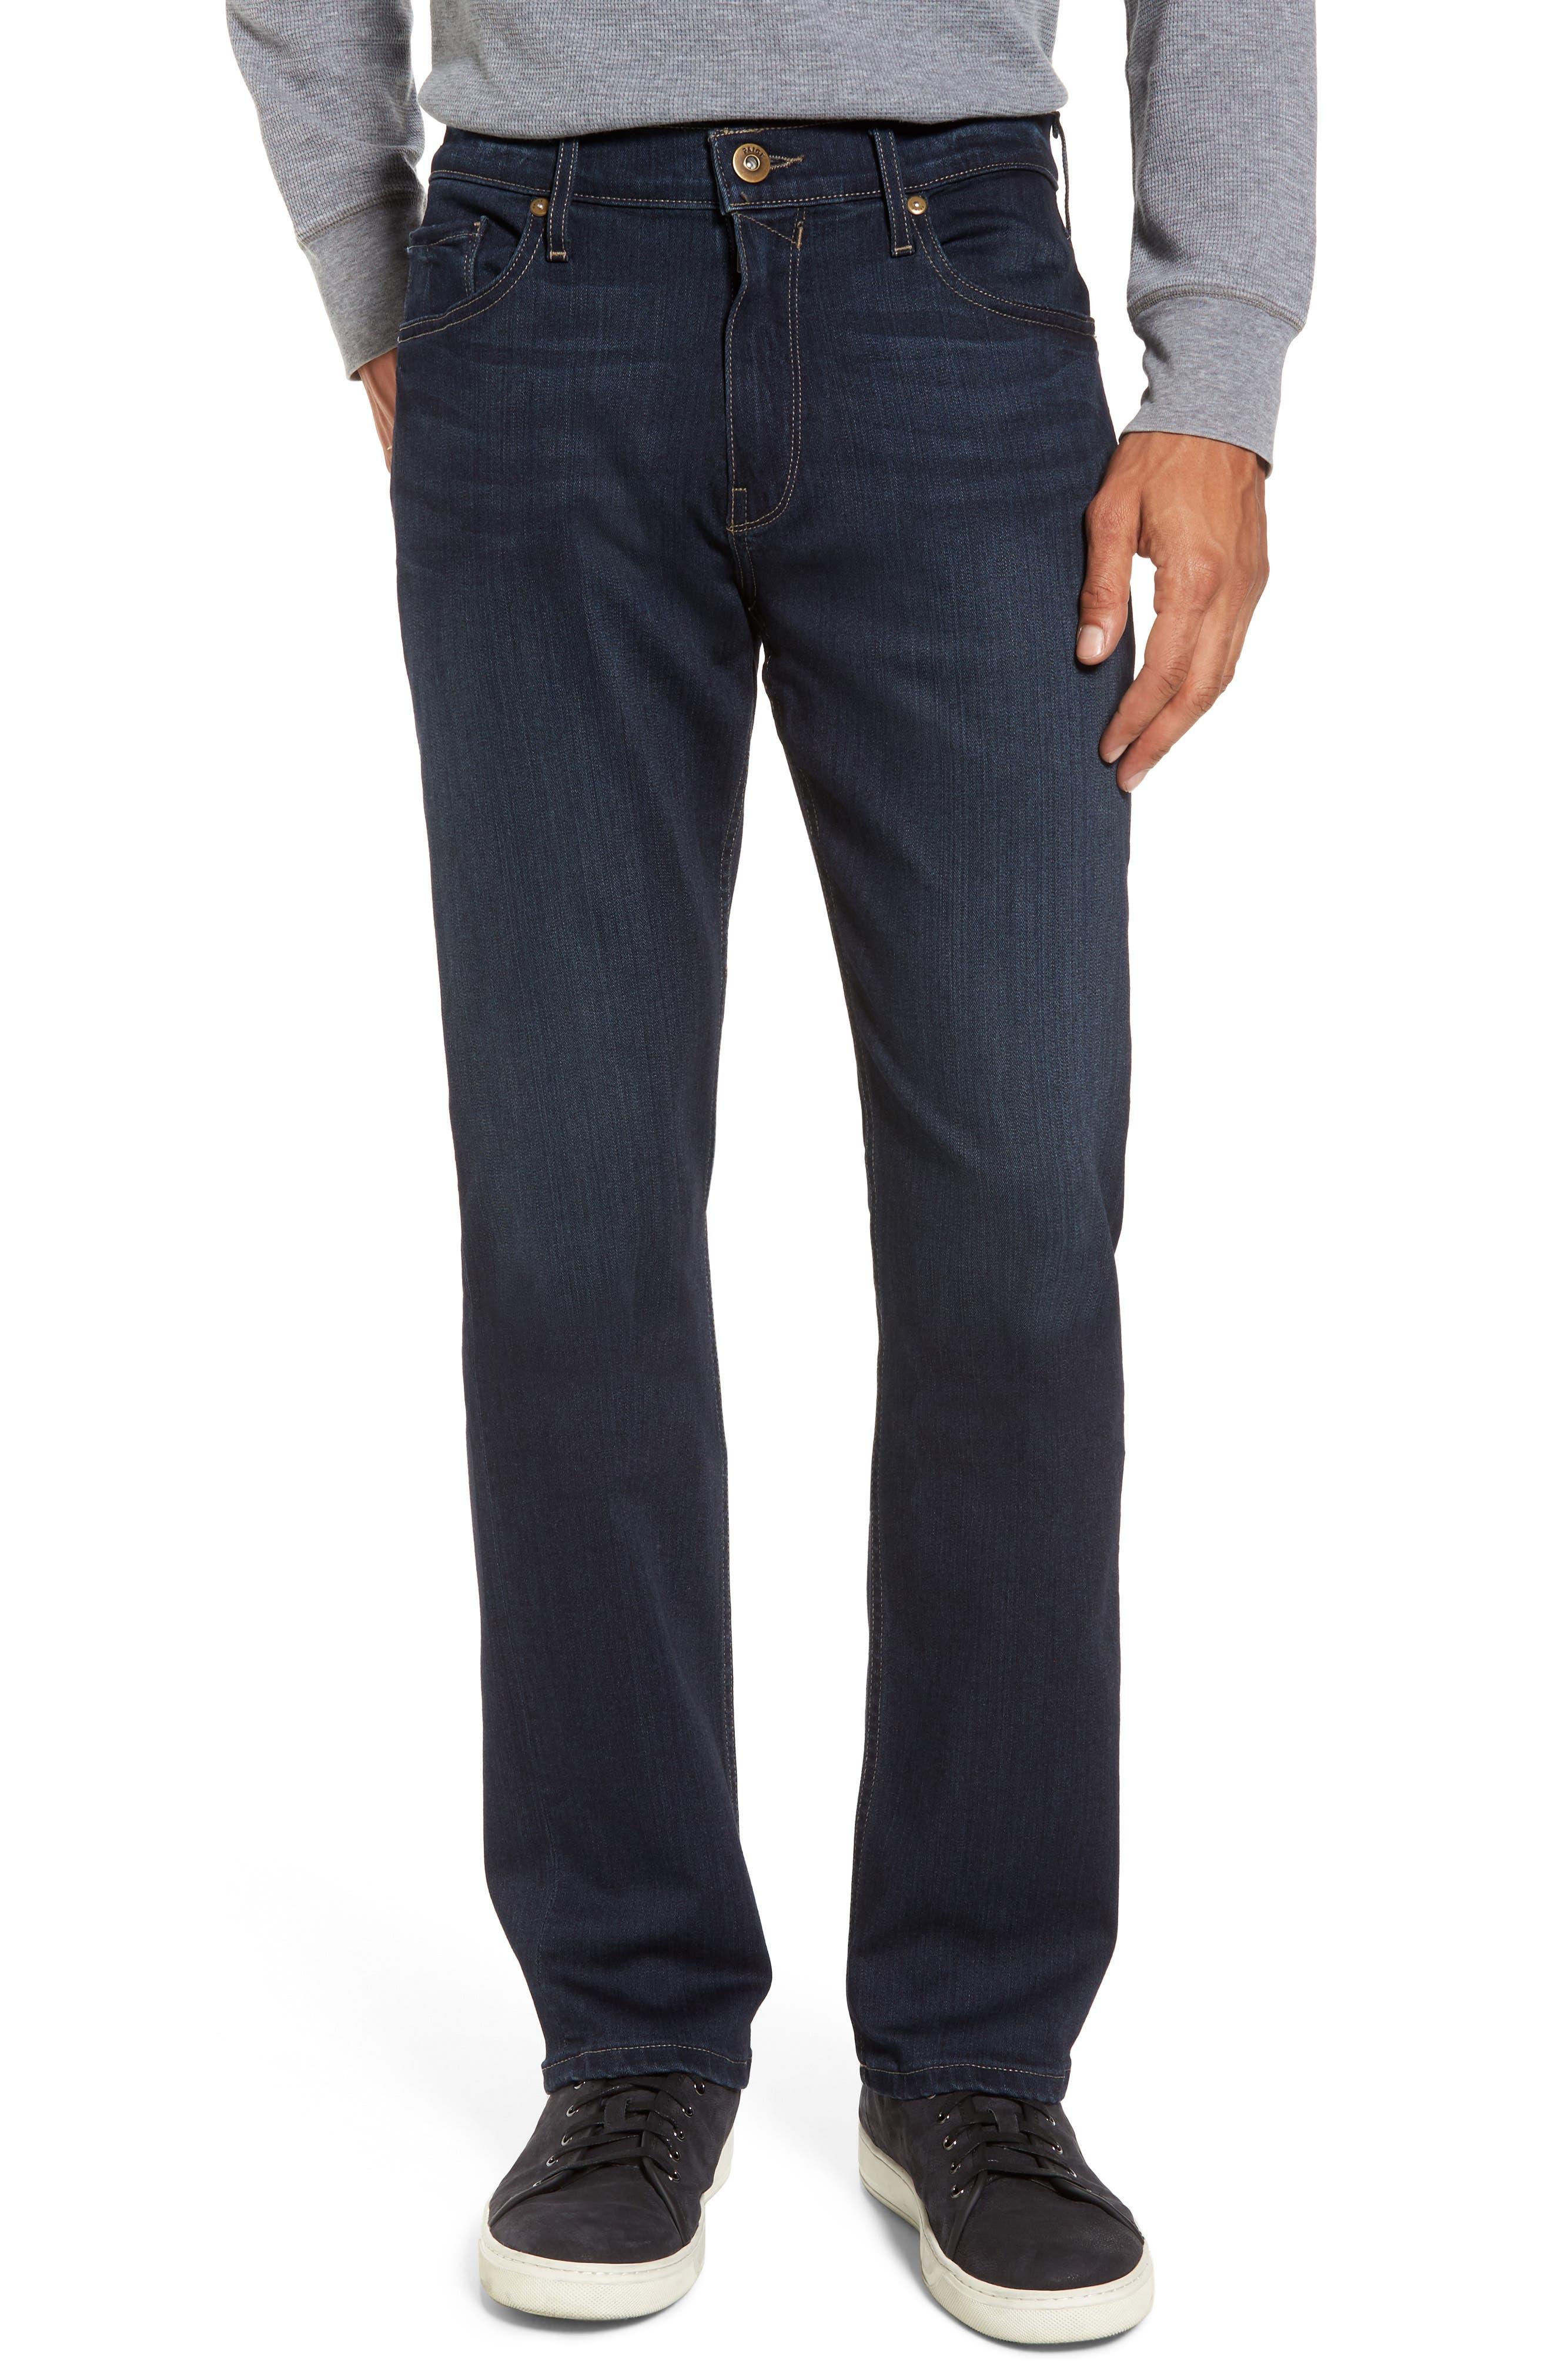 Transcend - Normandie Straight Fit Jeans,                         Main,                         color, Barrington